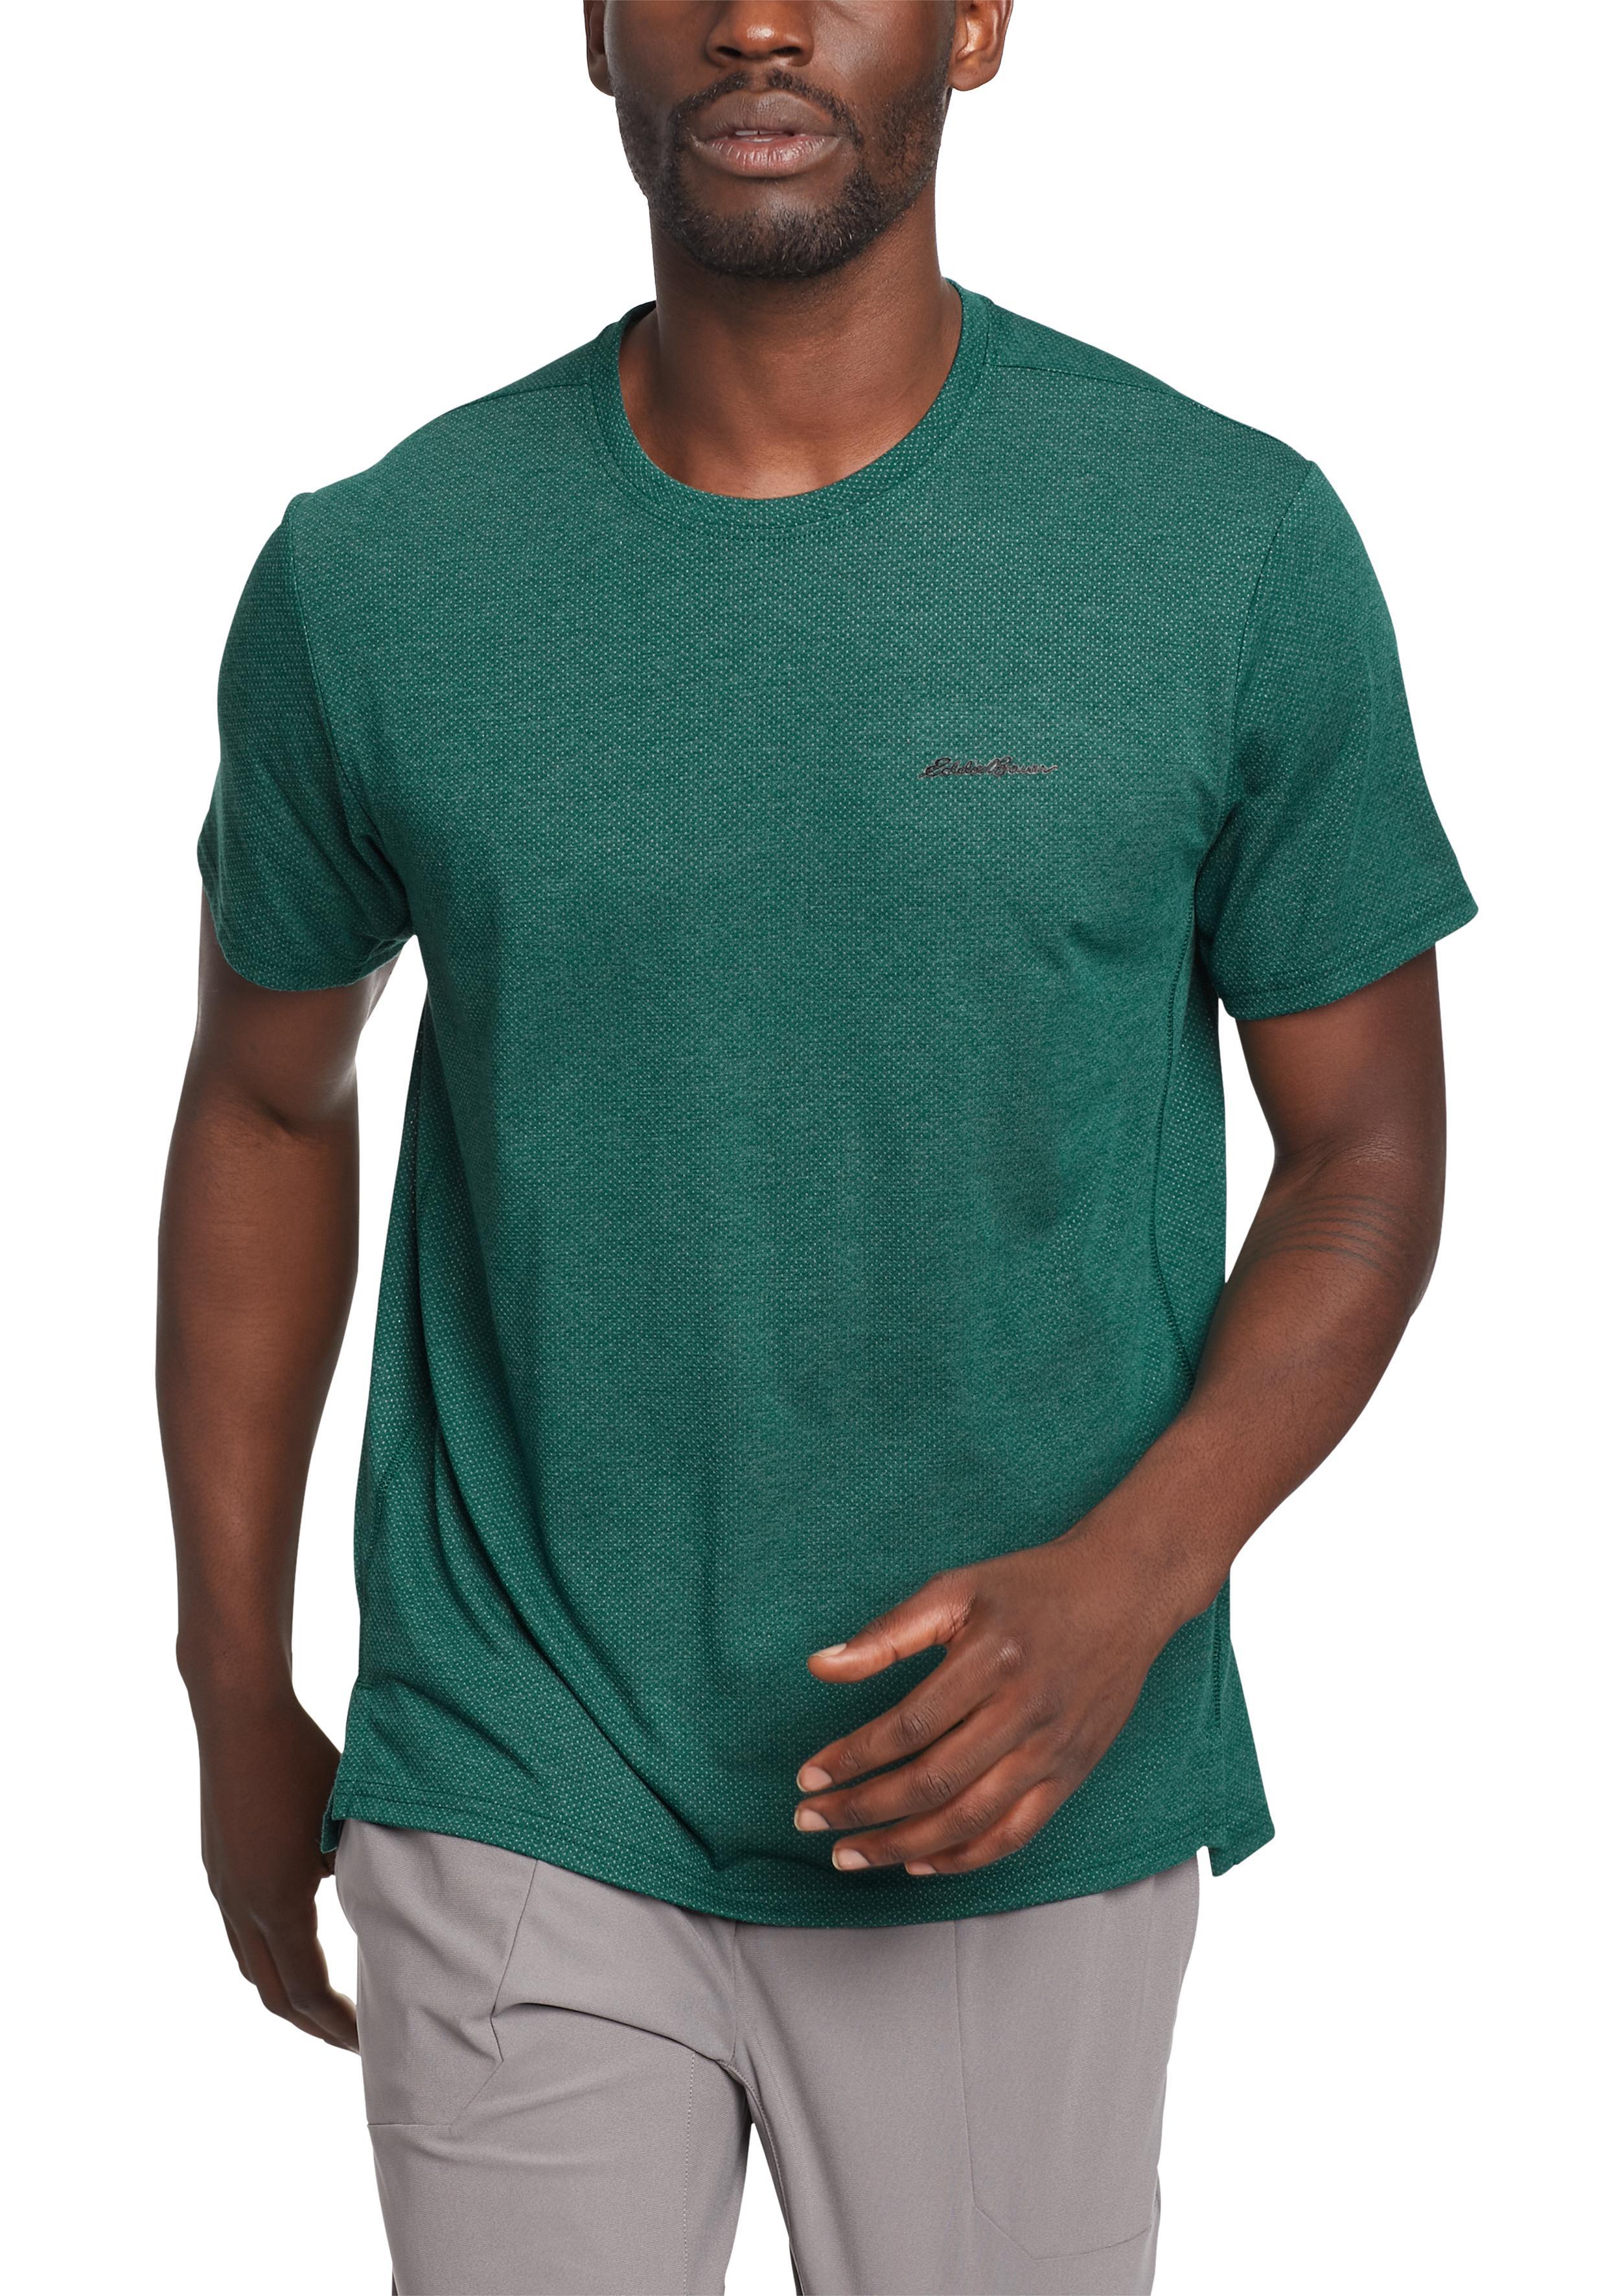 Eddie Bauer Funktionsshirt, Boundless T-Shirt grün Herren Funktionsshirt